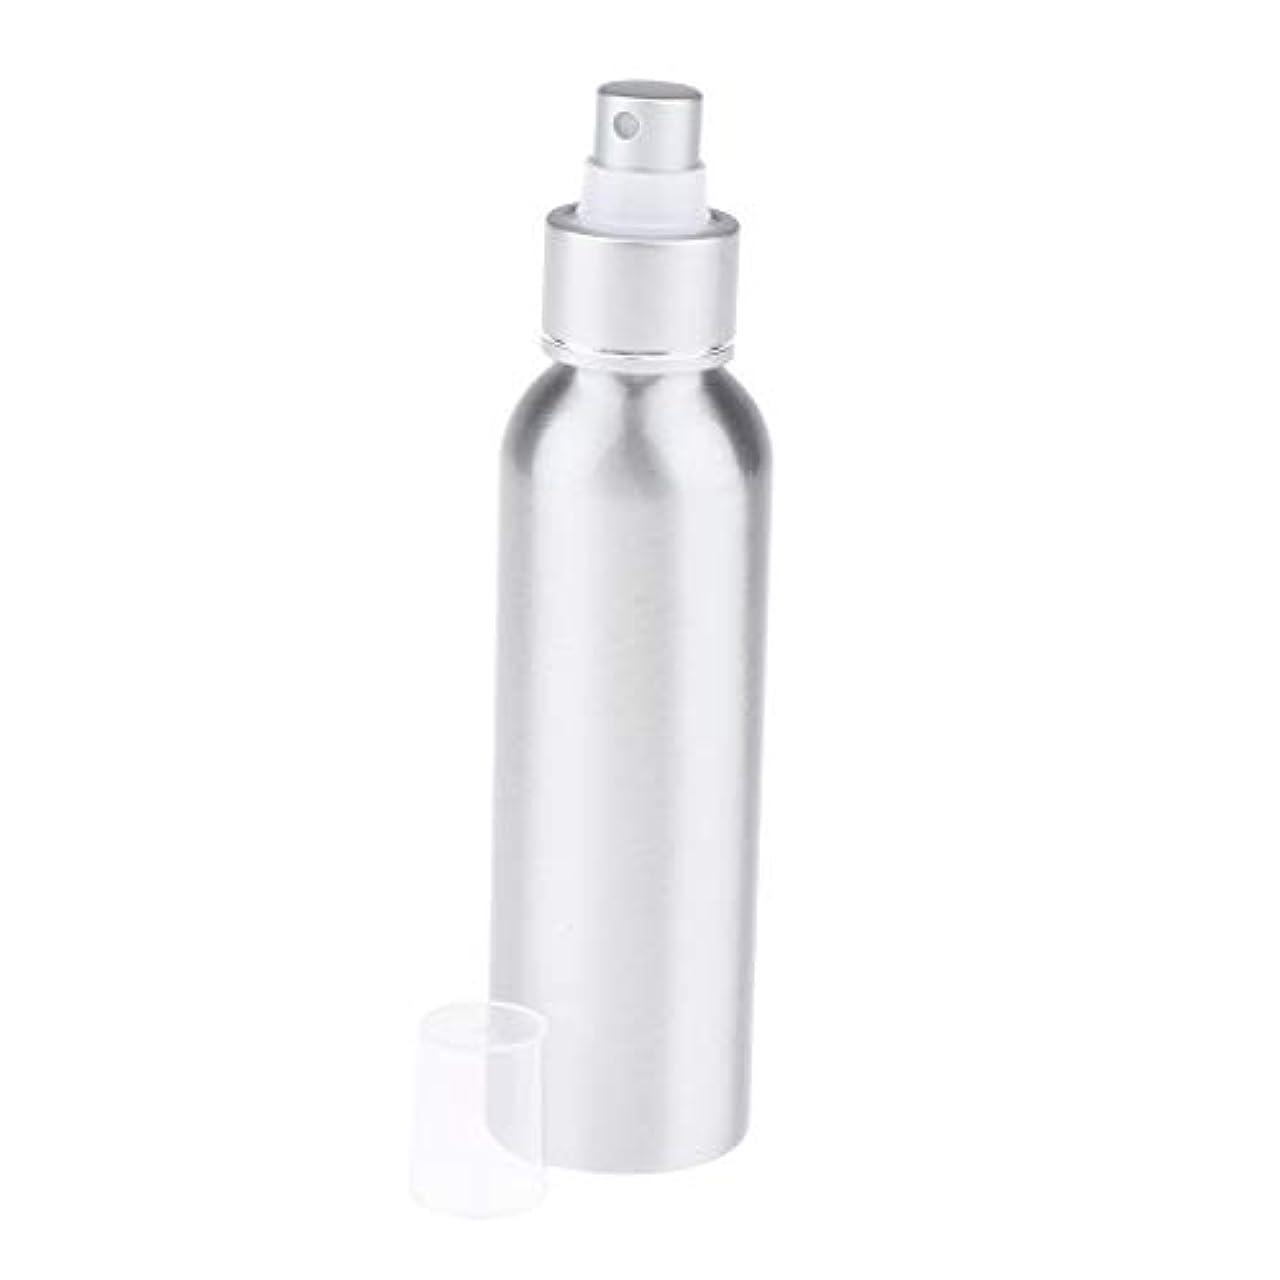 マチュピチュ殺すのどポンプボトル アトマイザー トラベルボトル スプレー 漏れ防止 遮光 霧吹き 旅行用 5サイズ選べ - 120ミリリットル